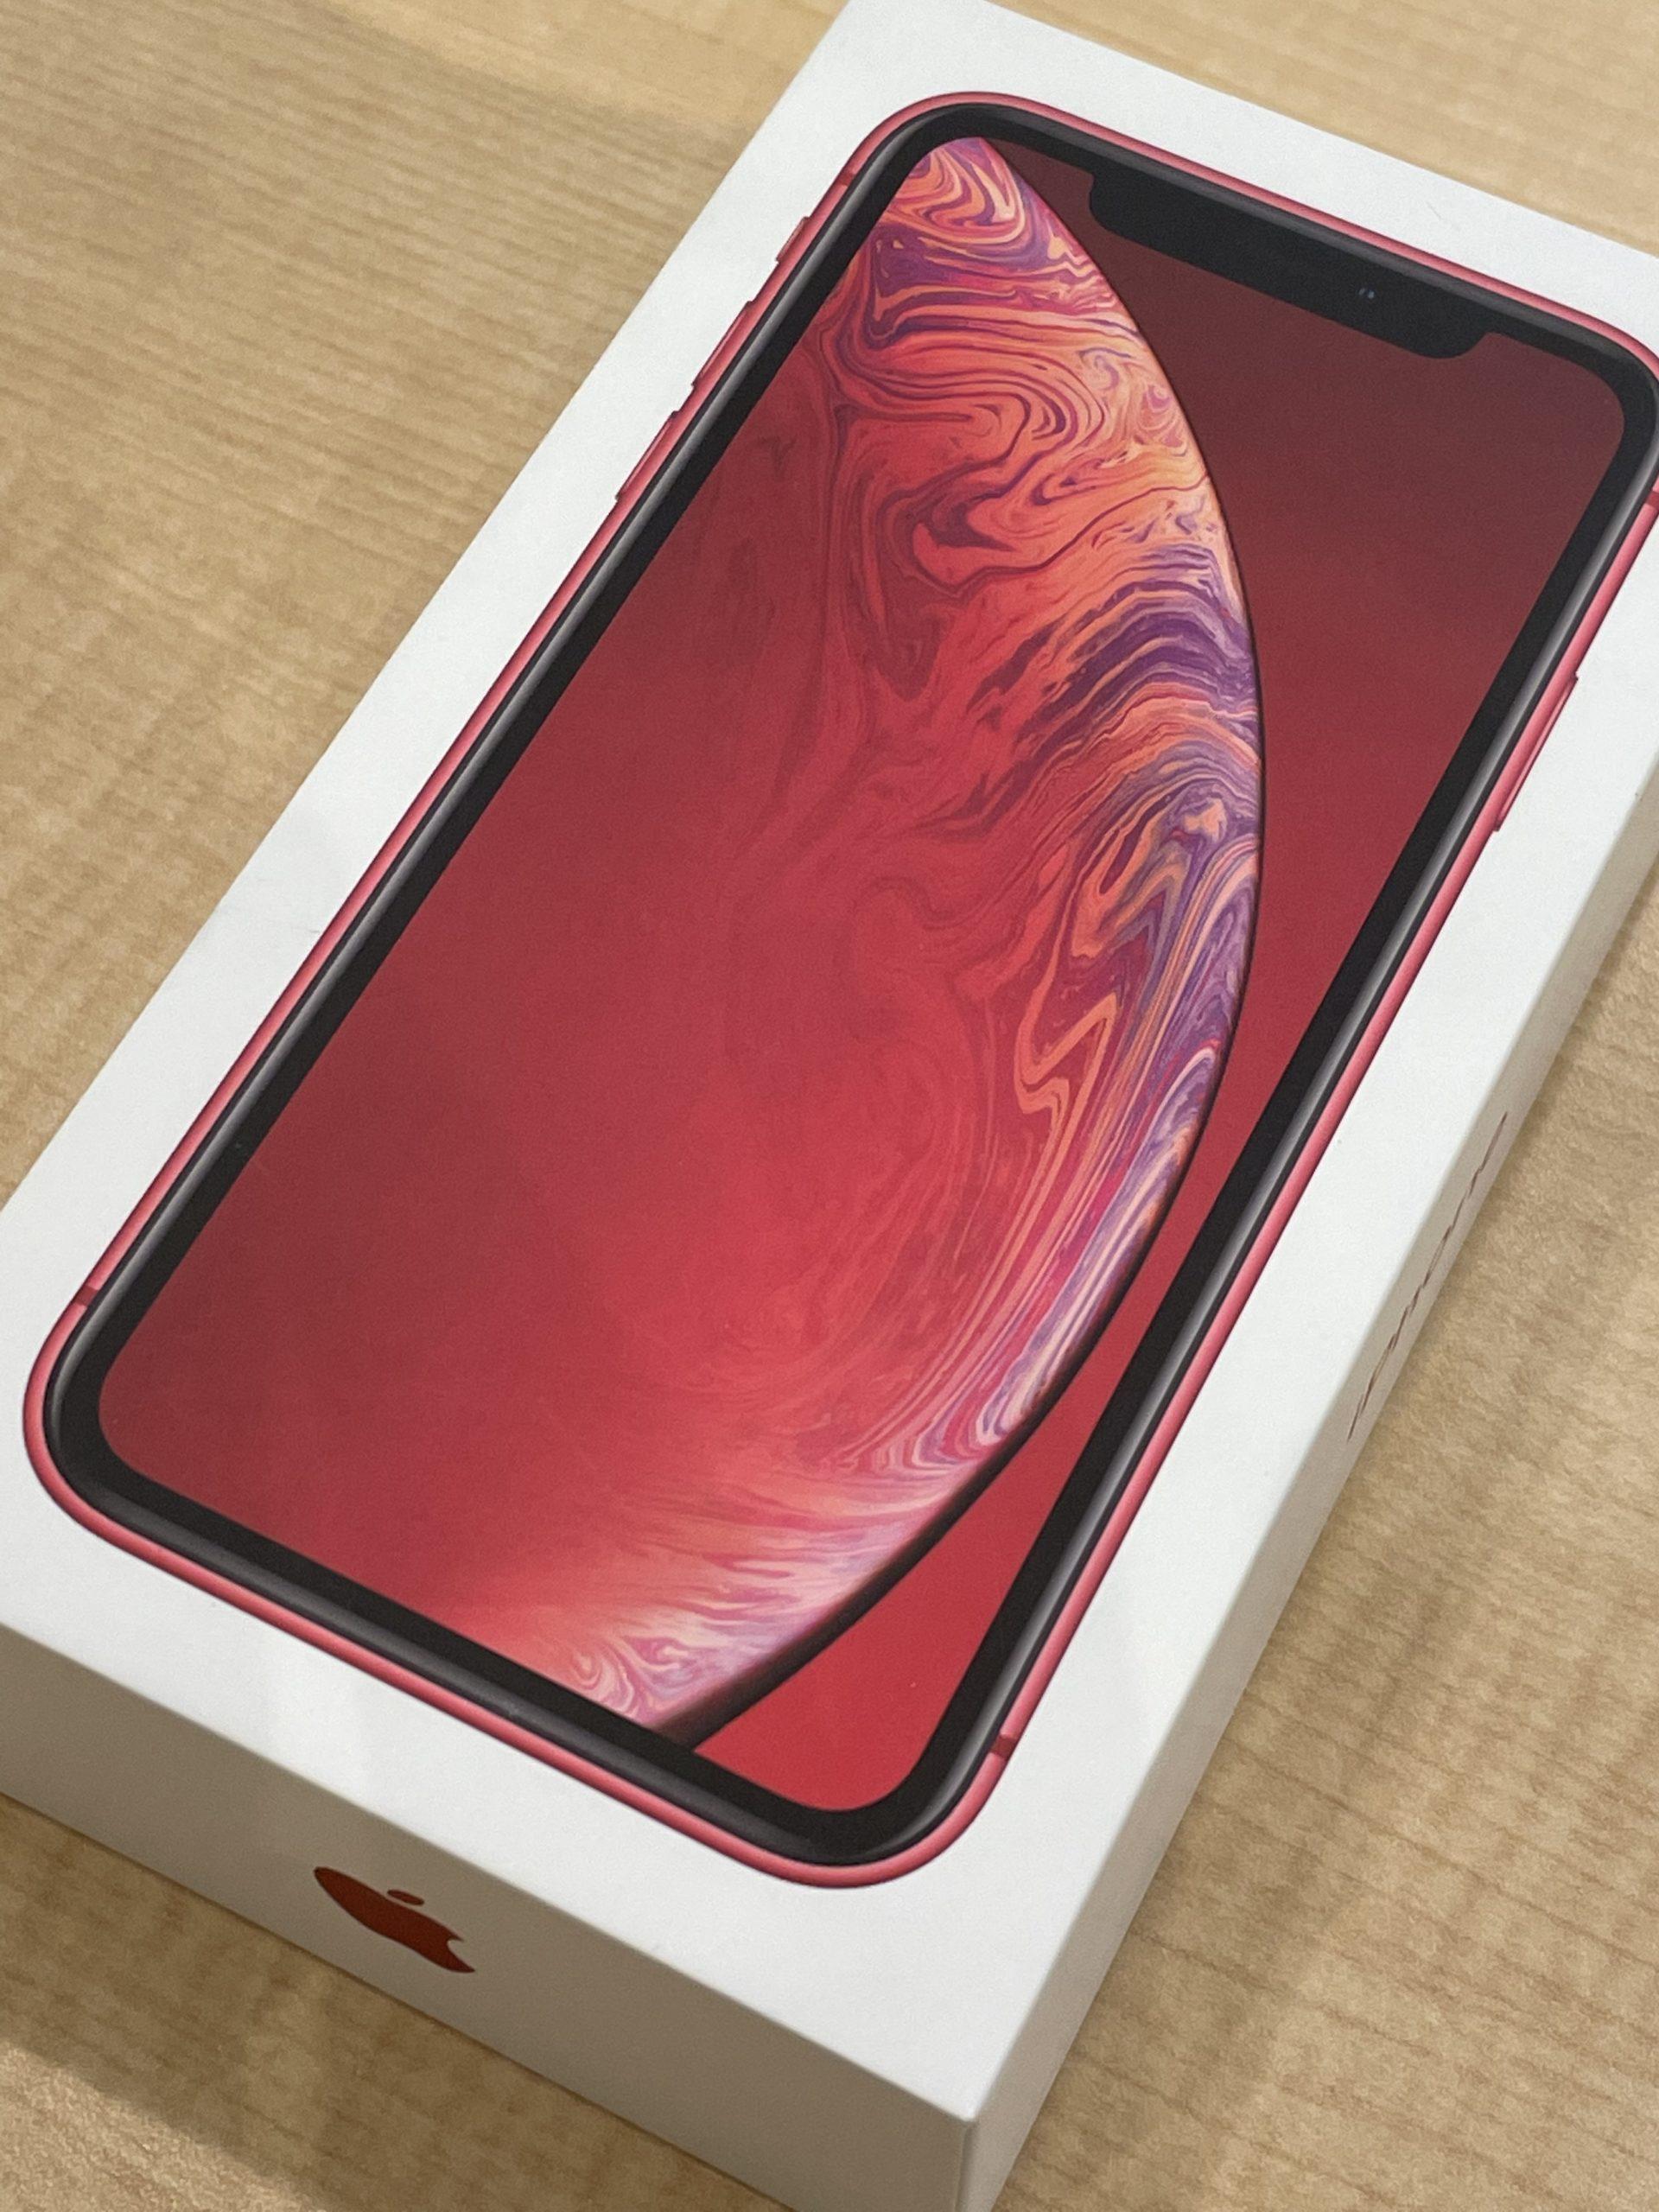 iPhoneXR 256GB レッド docomo◯ 中古箱あり